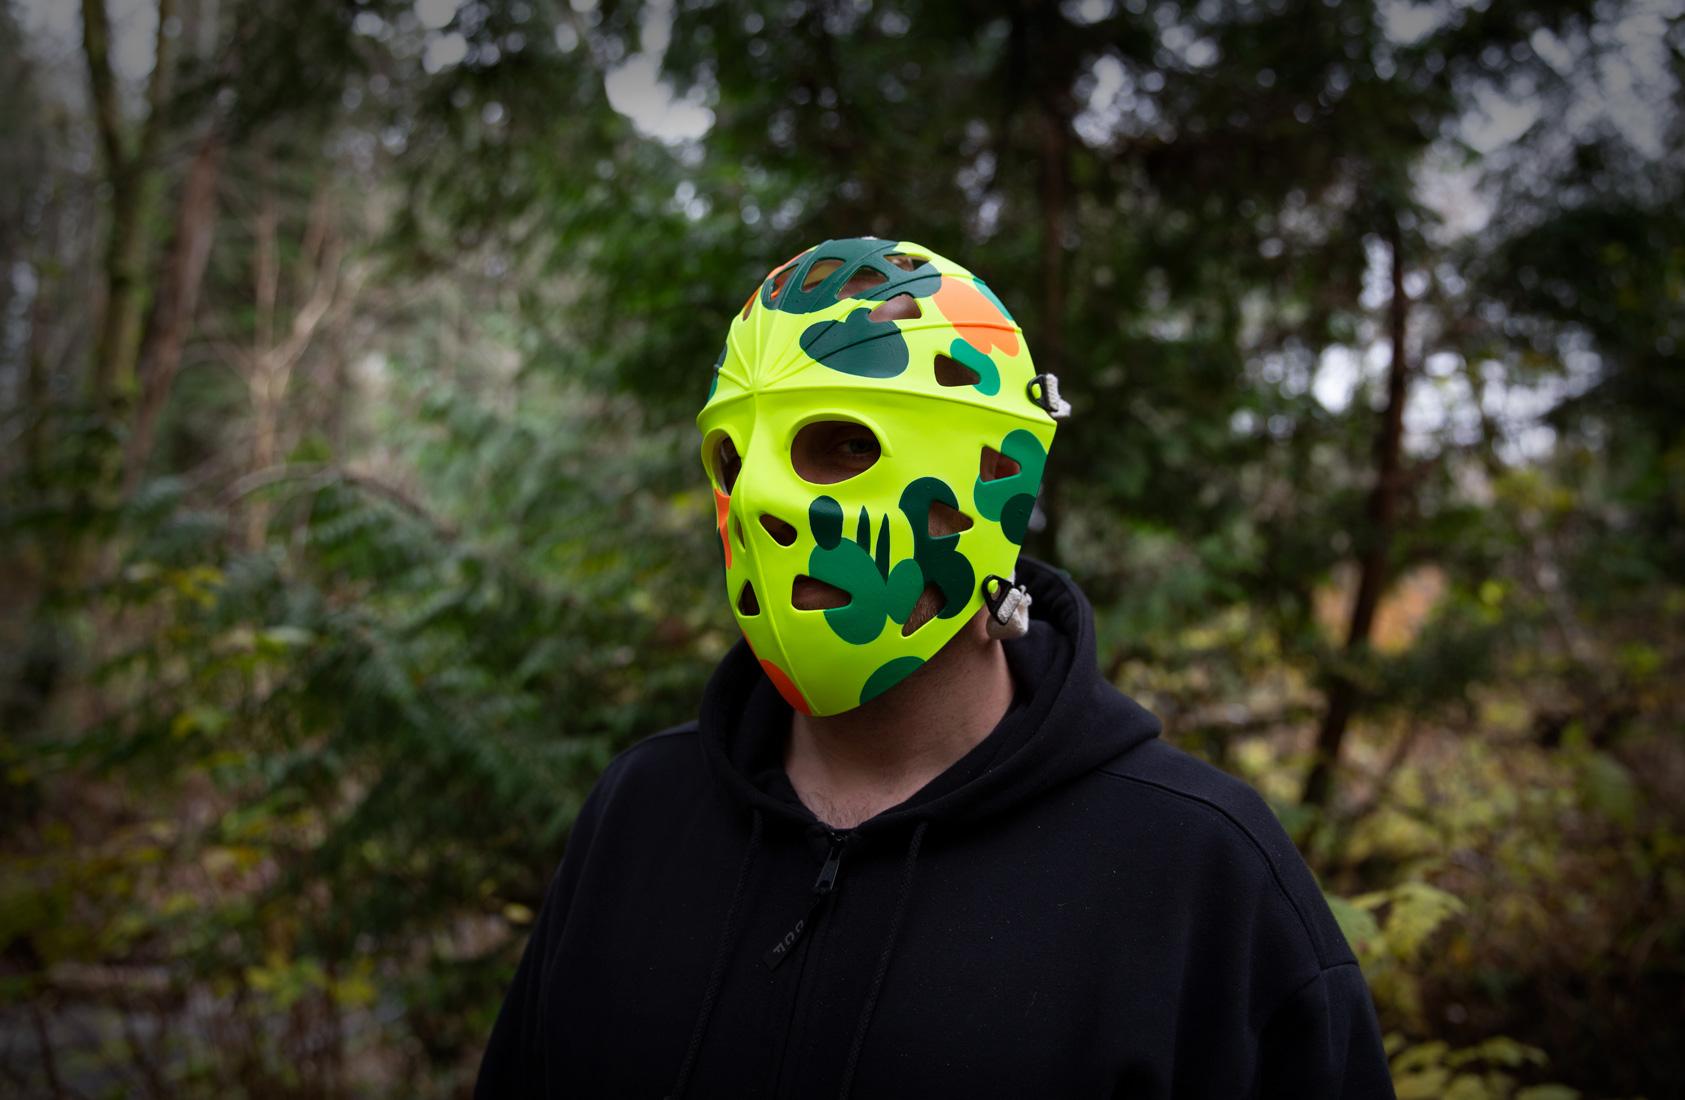 hockeymask 1685x1100 4